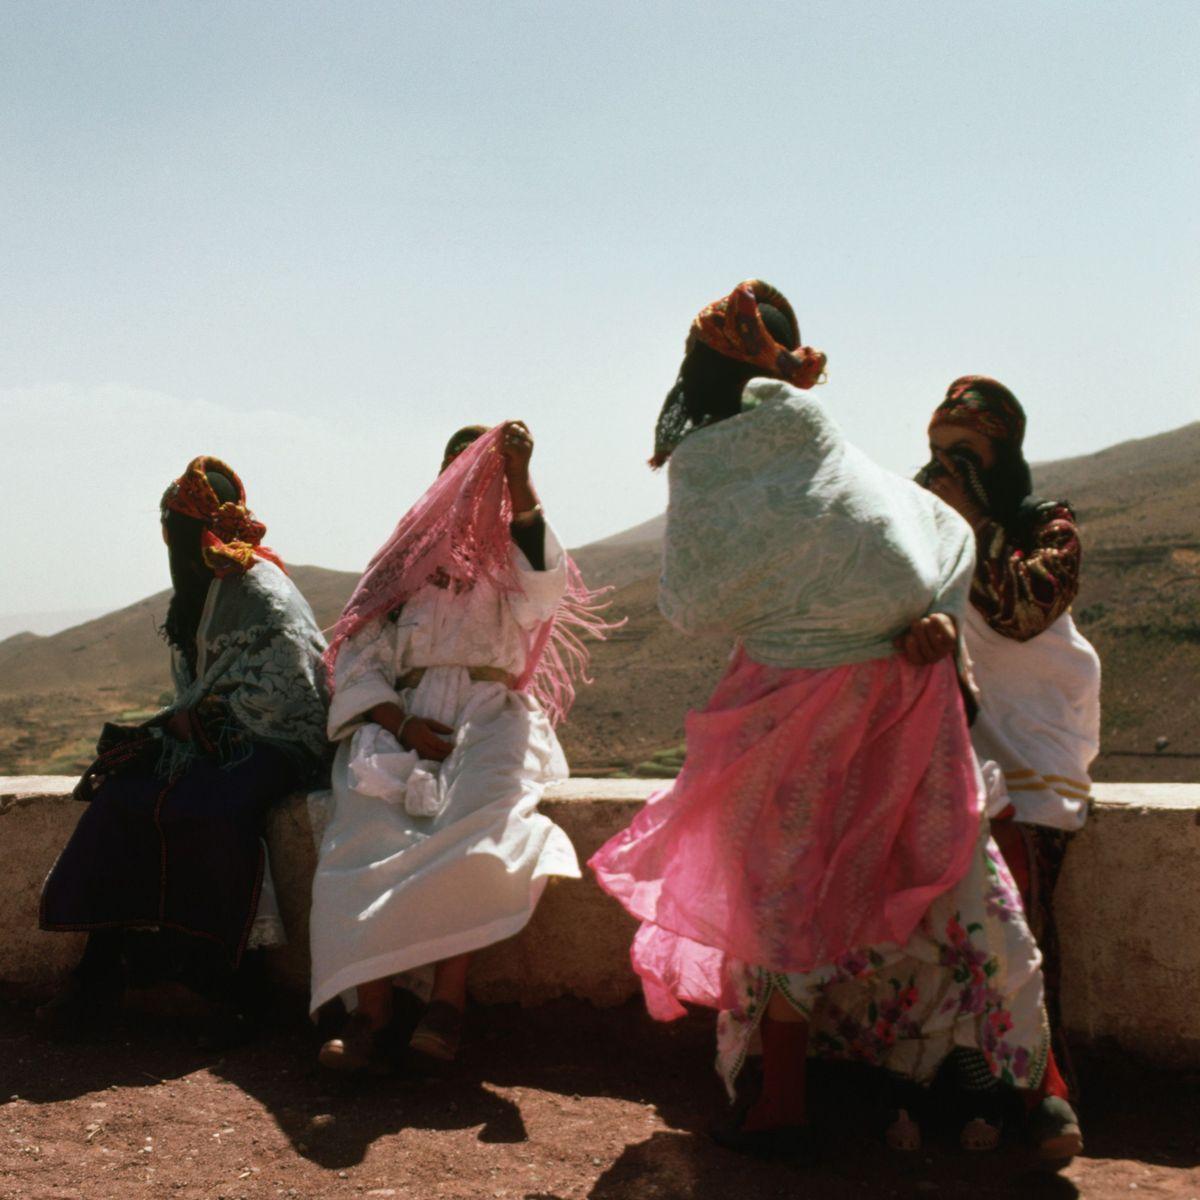 Frau eine heiraten marrokanische Iranerinnen sollen